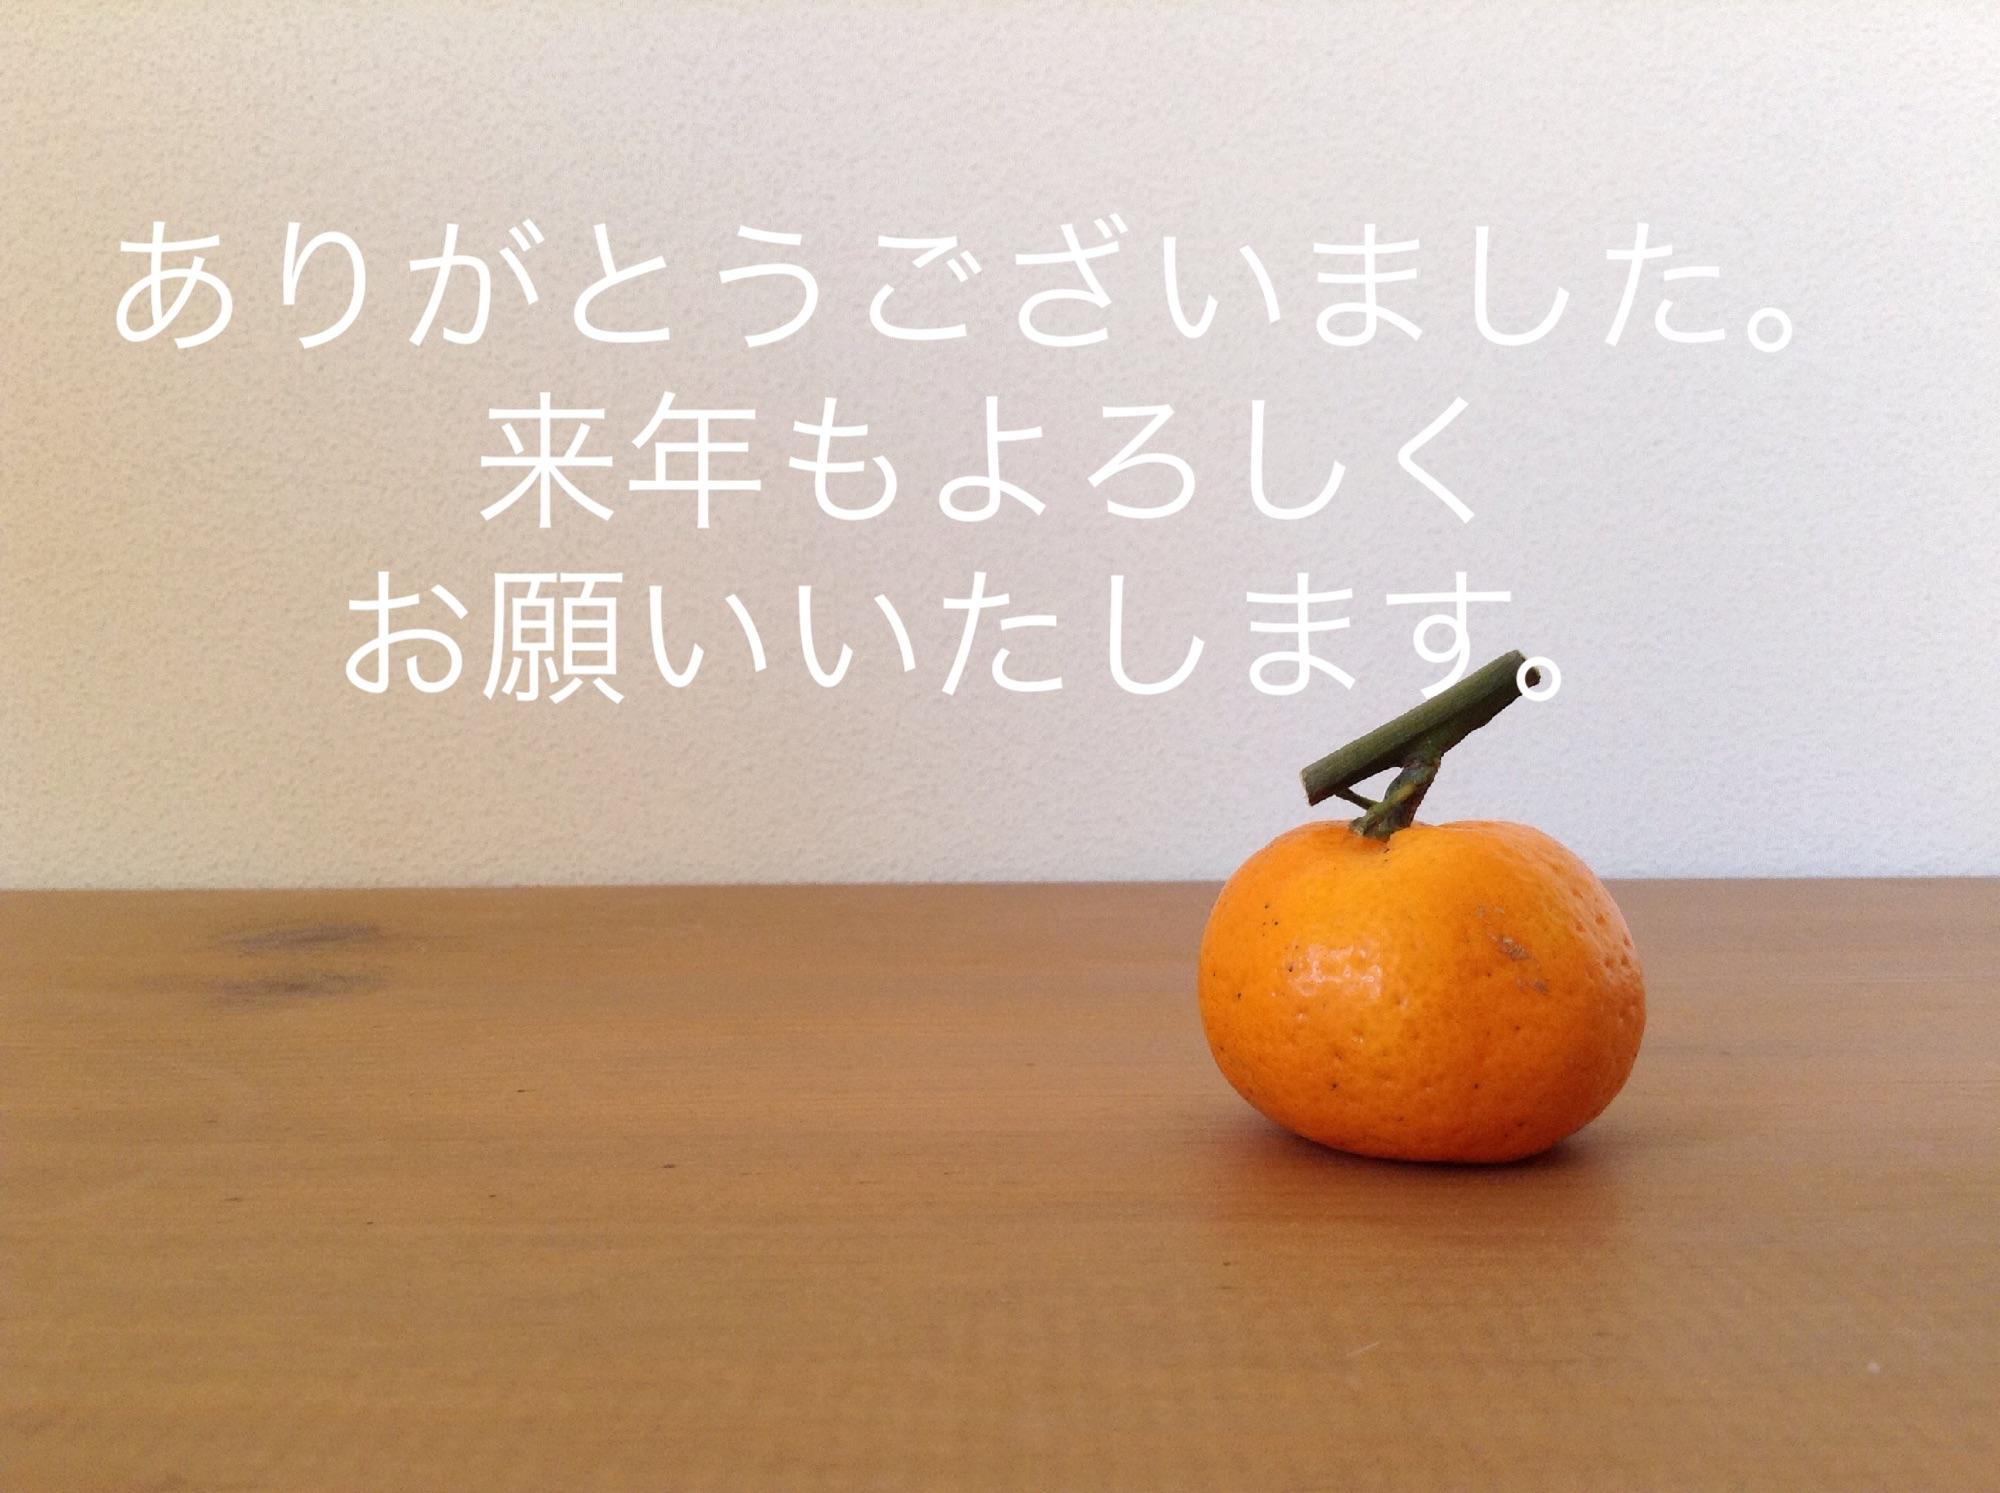 201512300820070f2.jpg